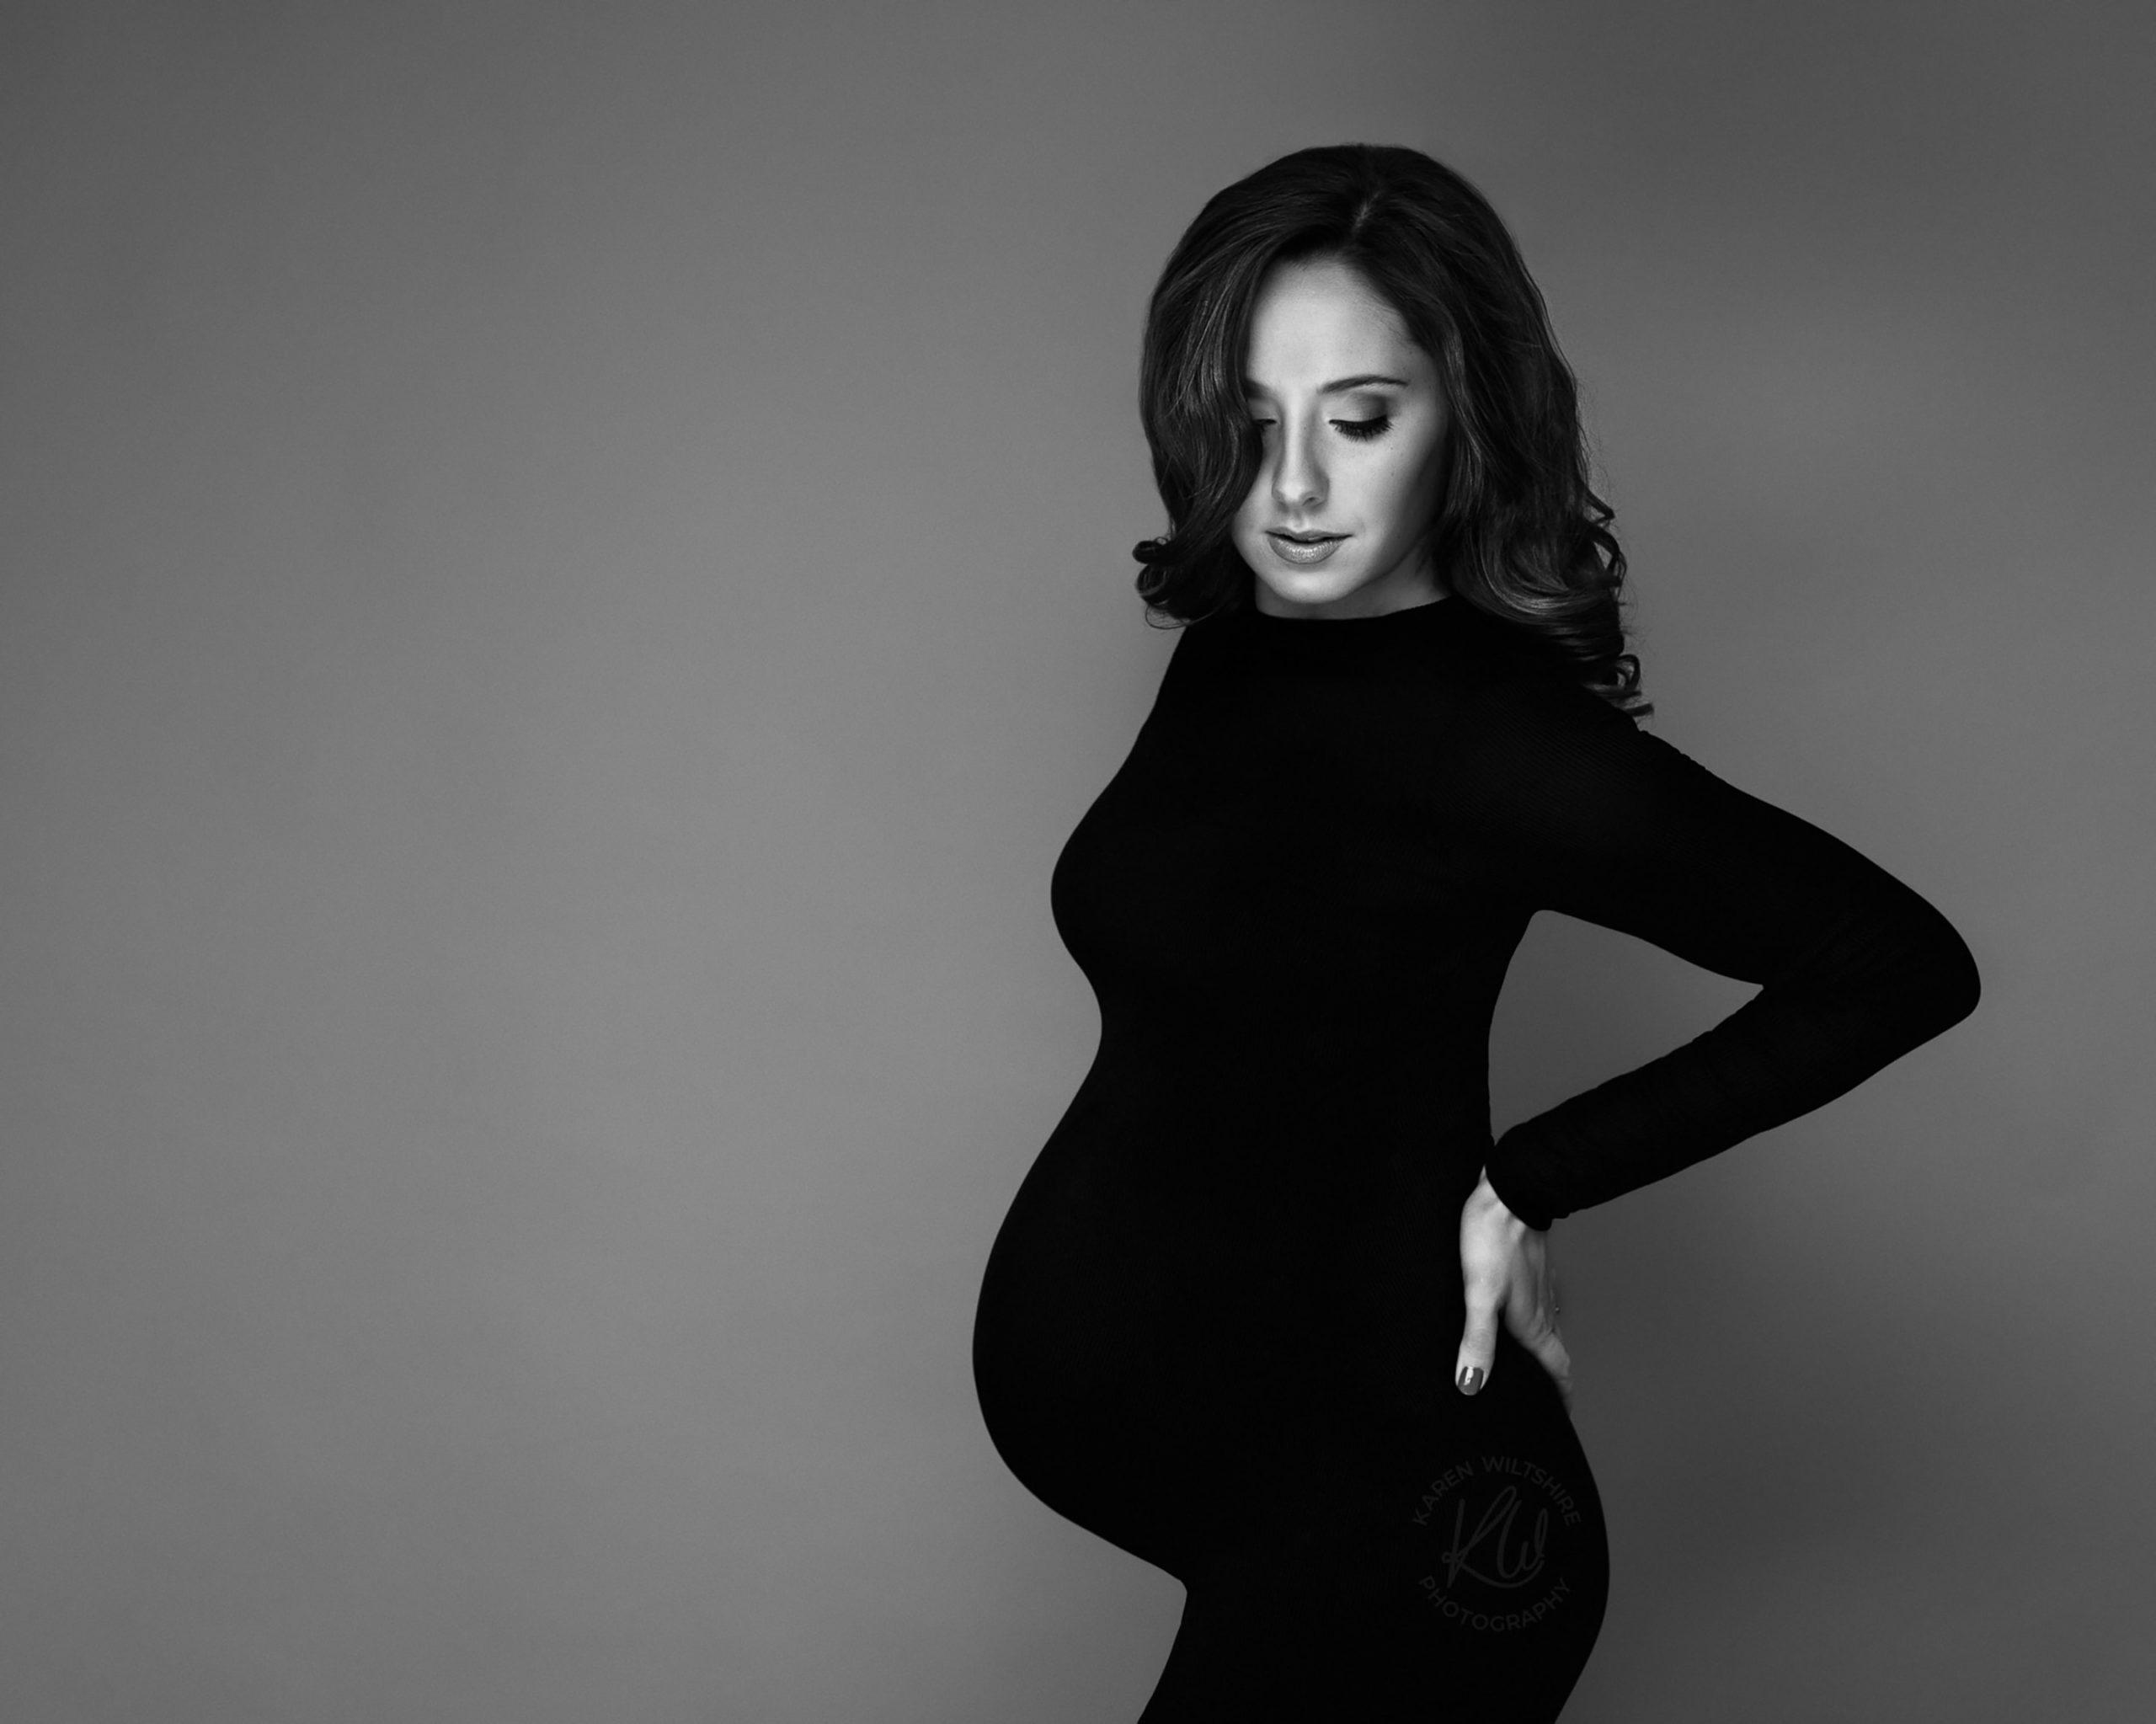 pregnant lady posing for bump photos